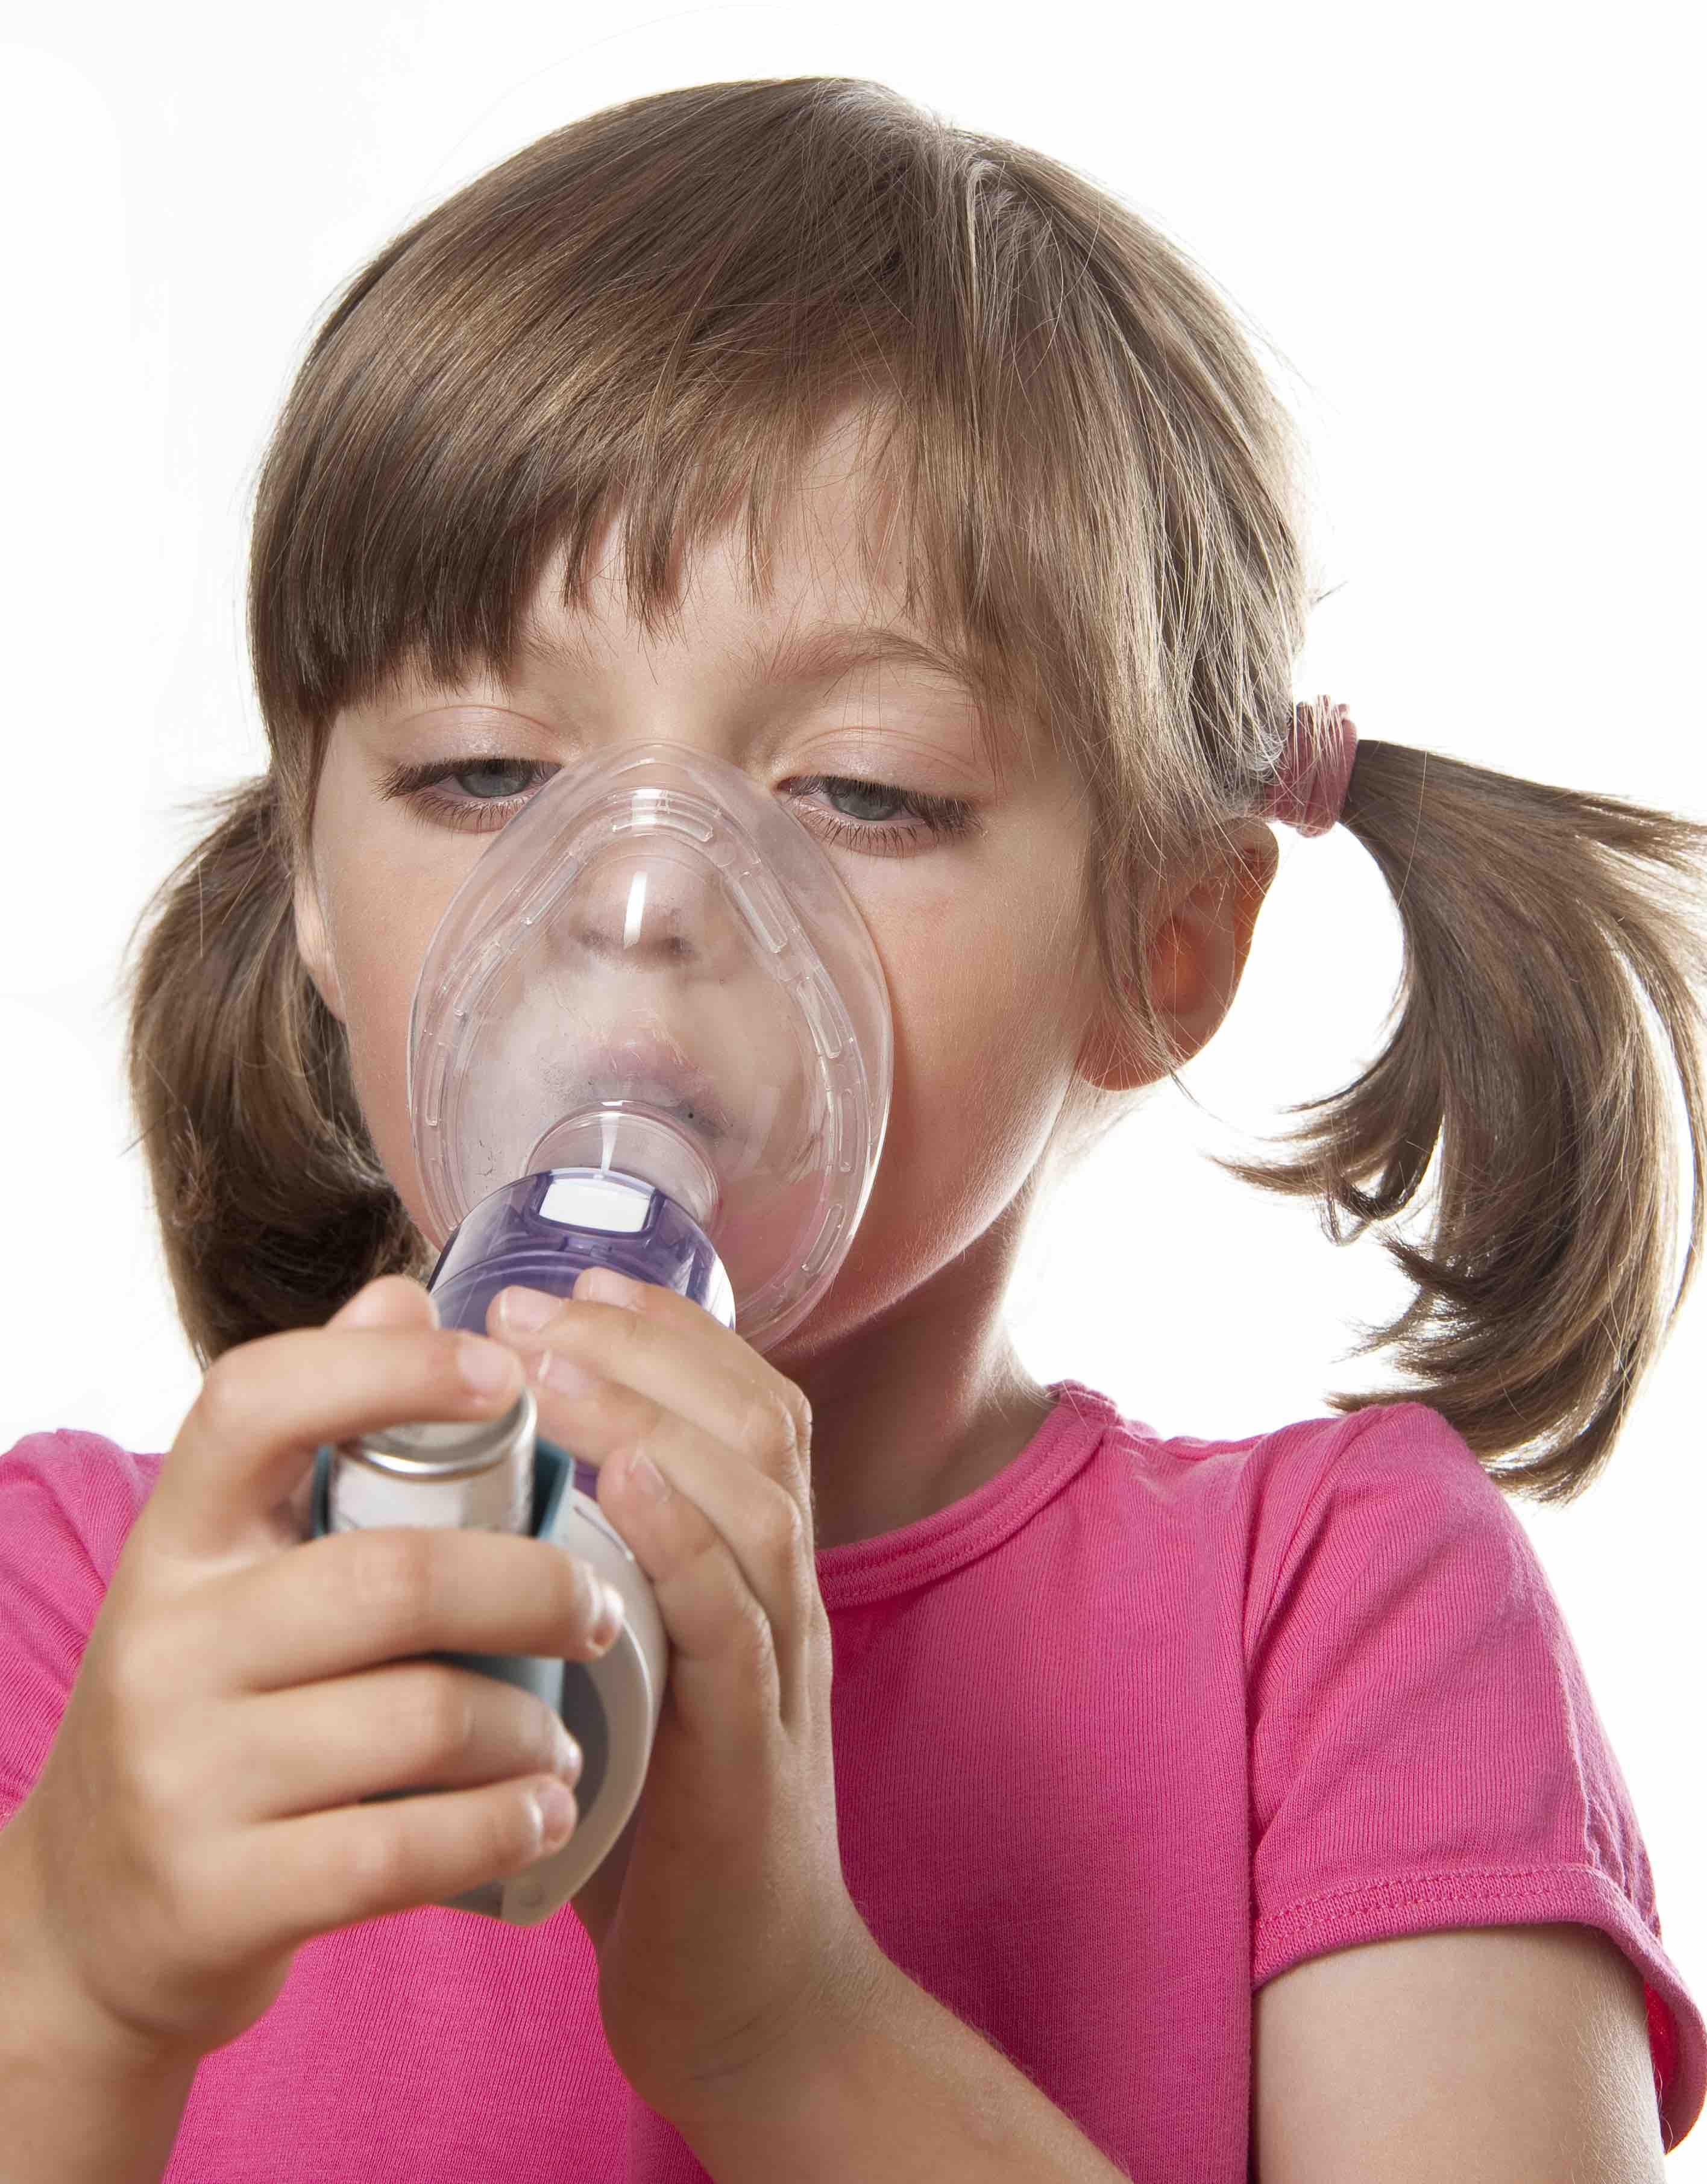 ¿Utiliza adecuadamente los dispositivos de inhalación?